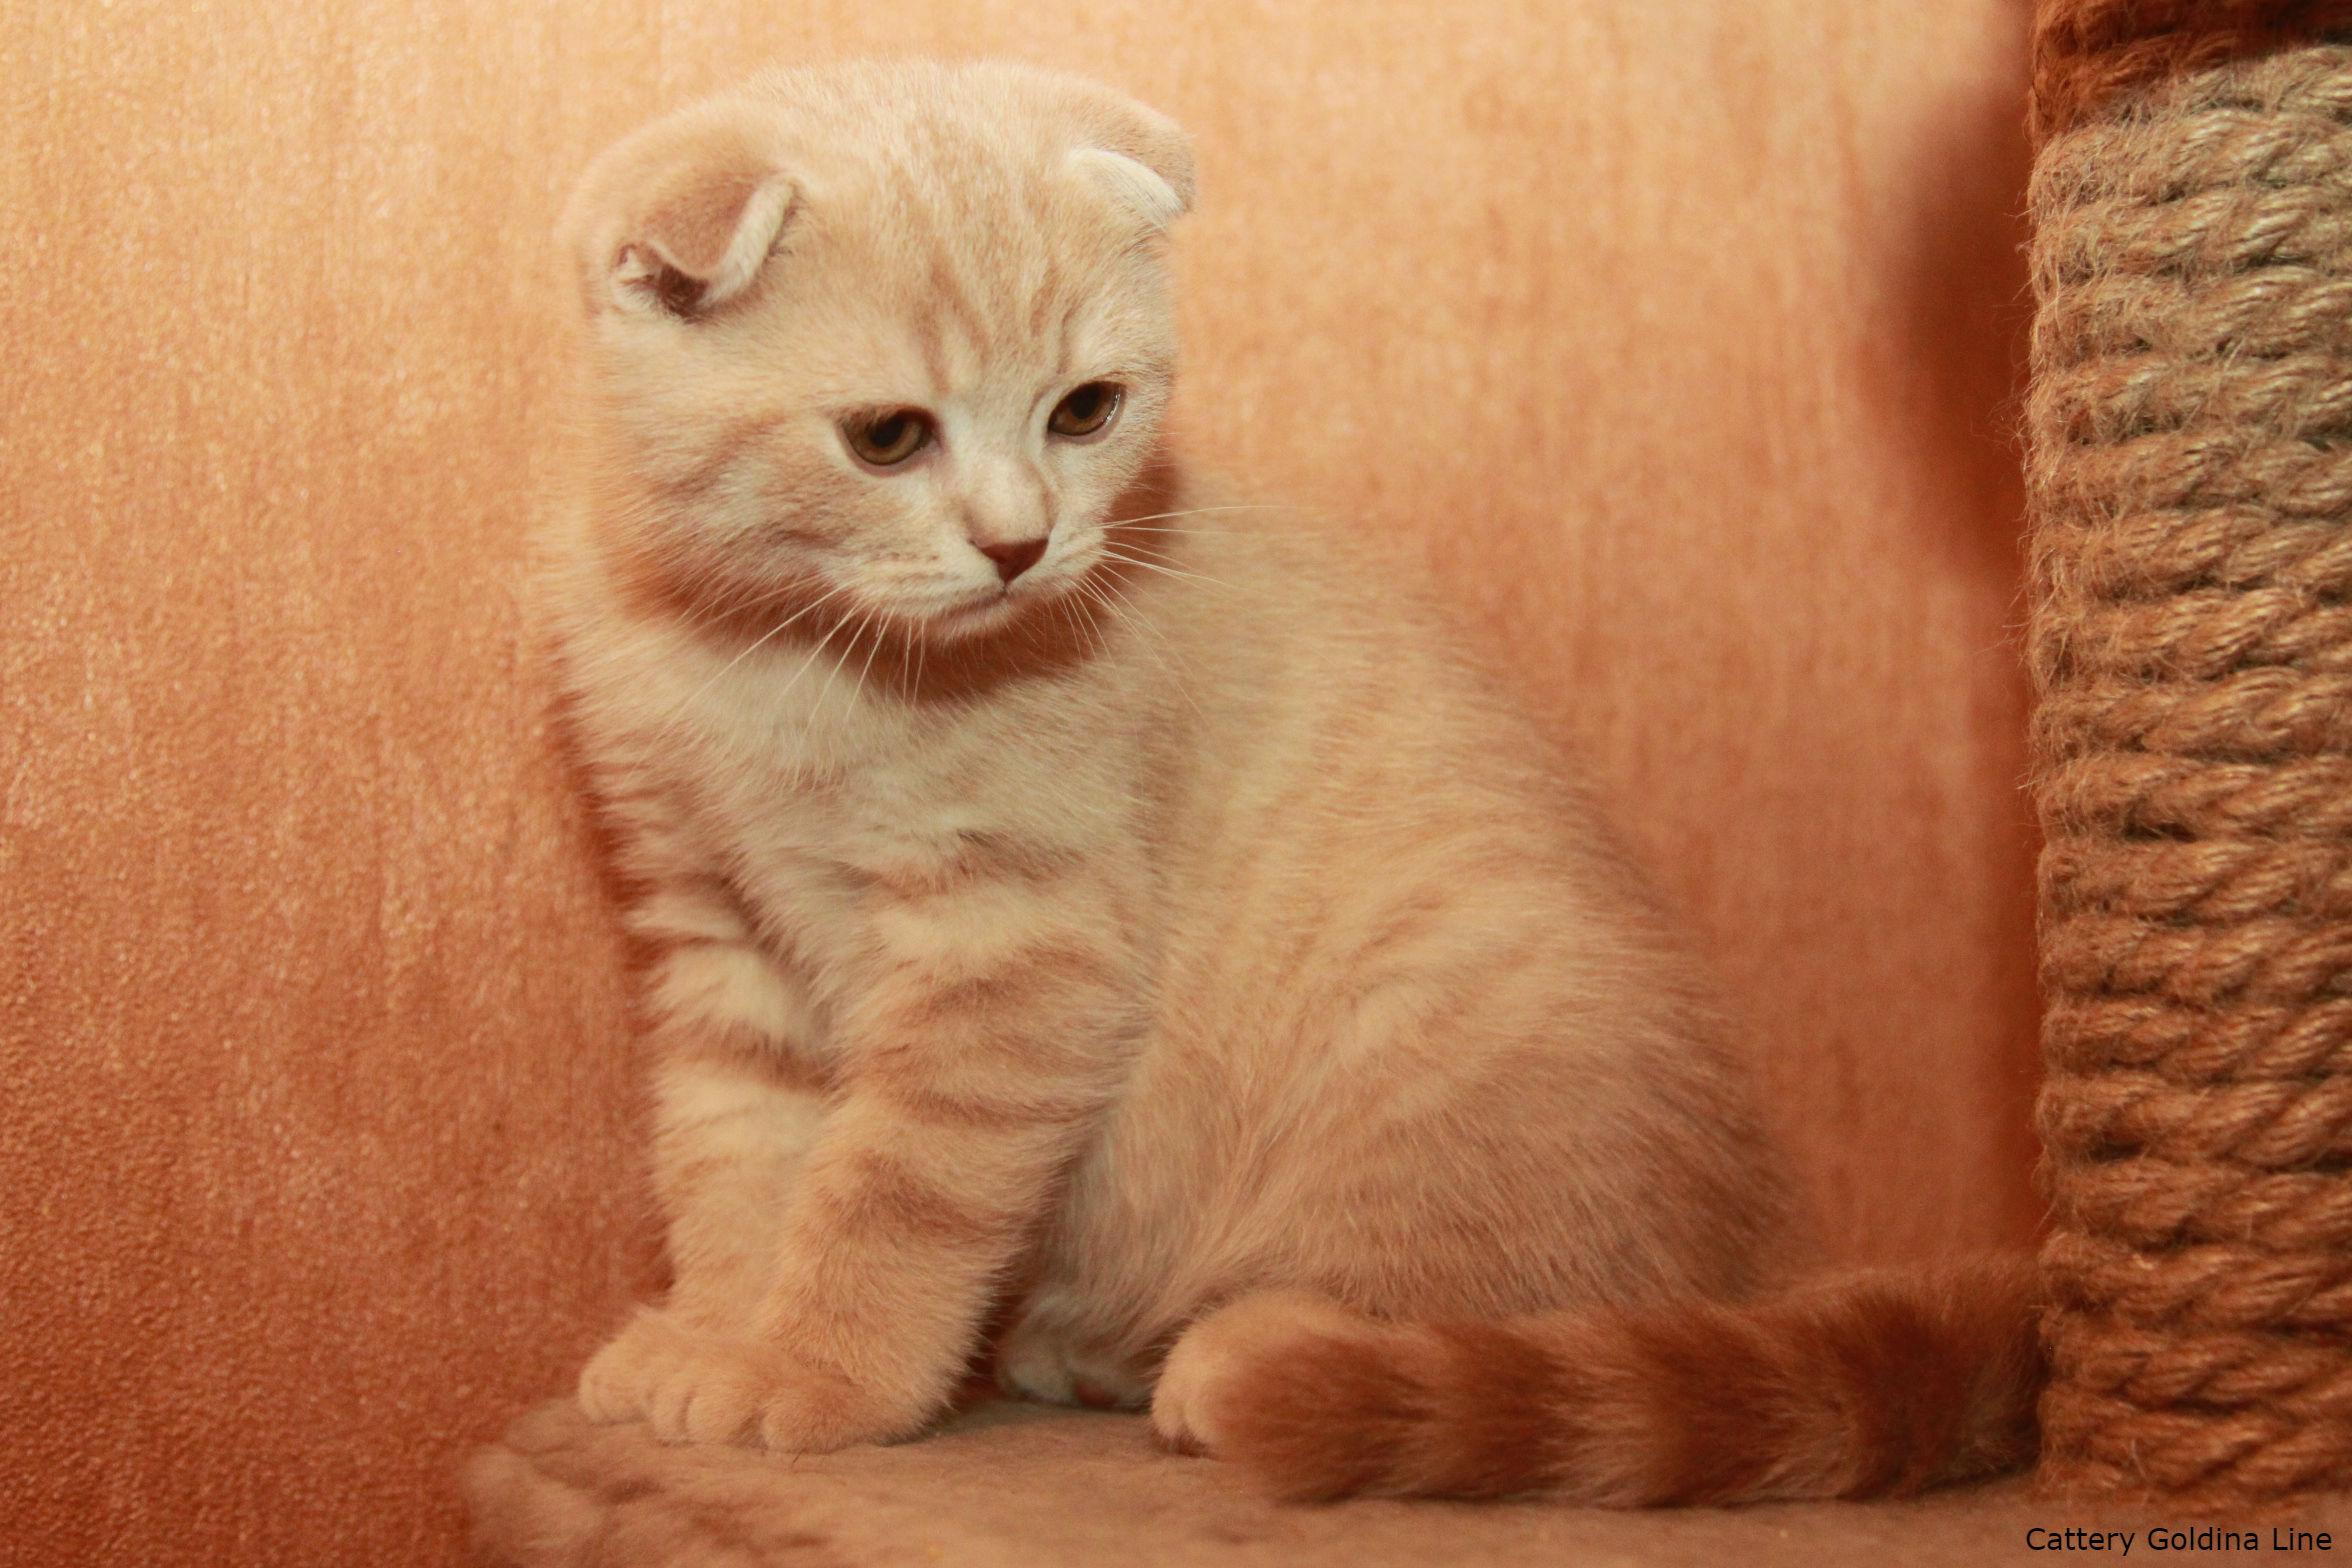 вислоухие котята редкие окрасы фото прошлом, листы крафт-бумаги